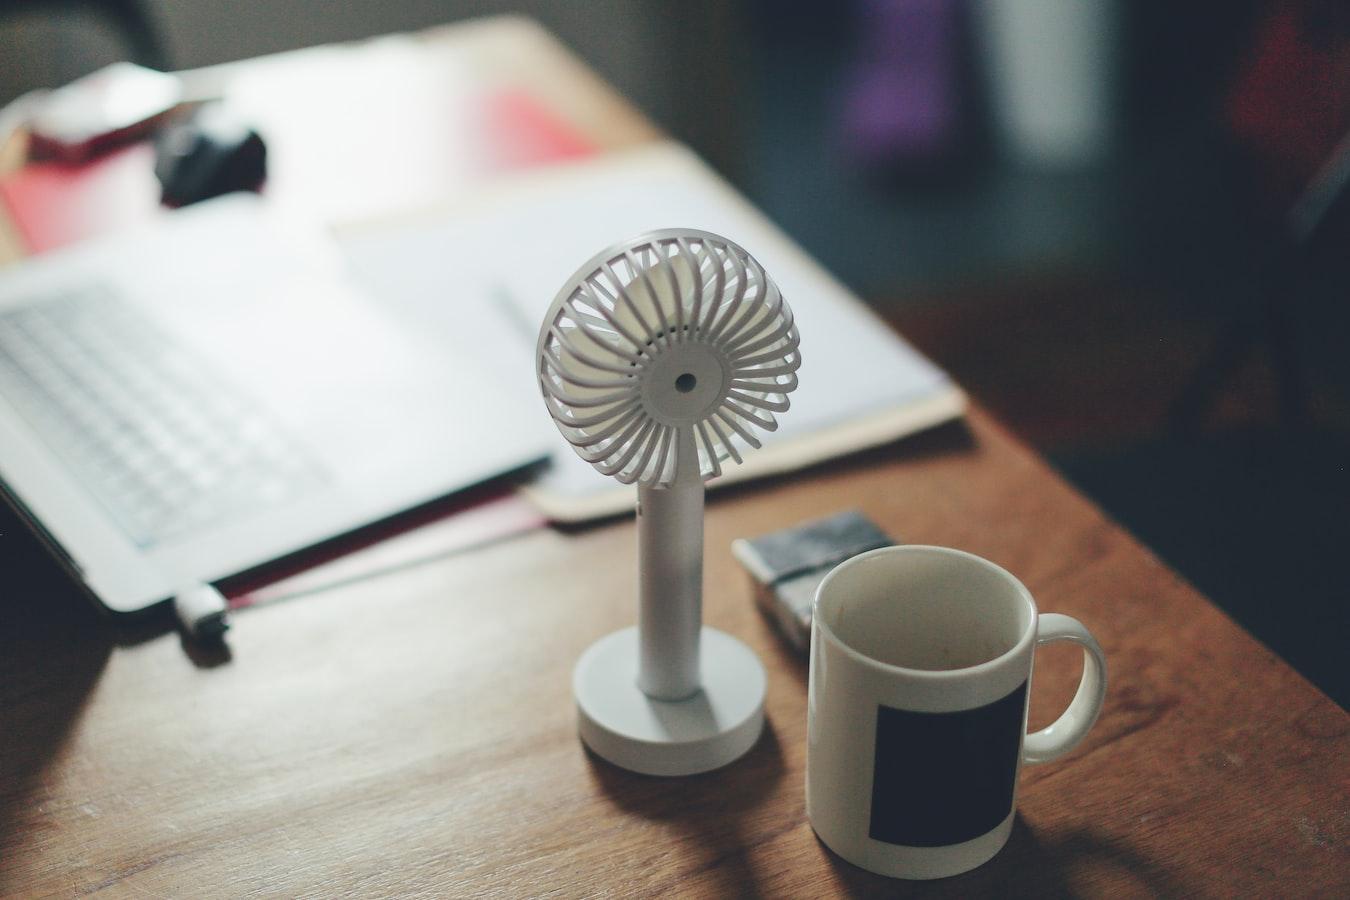 Small fan on a desk